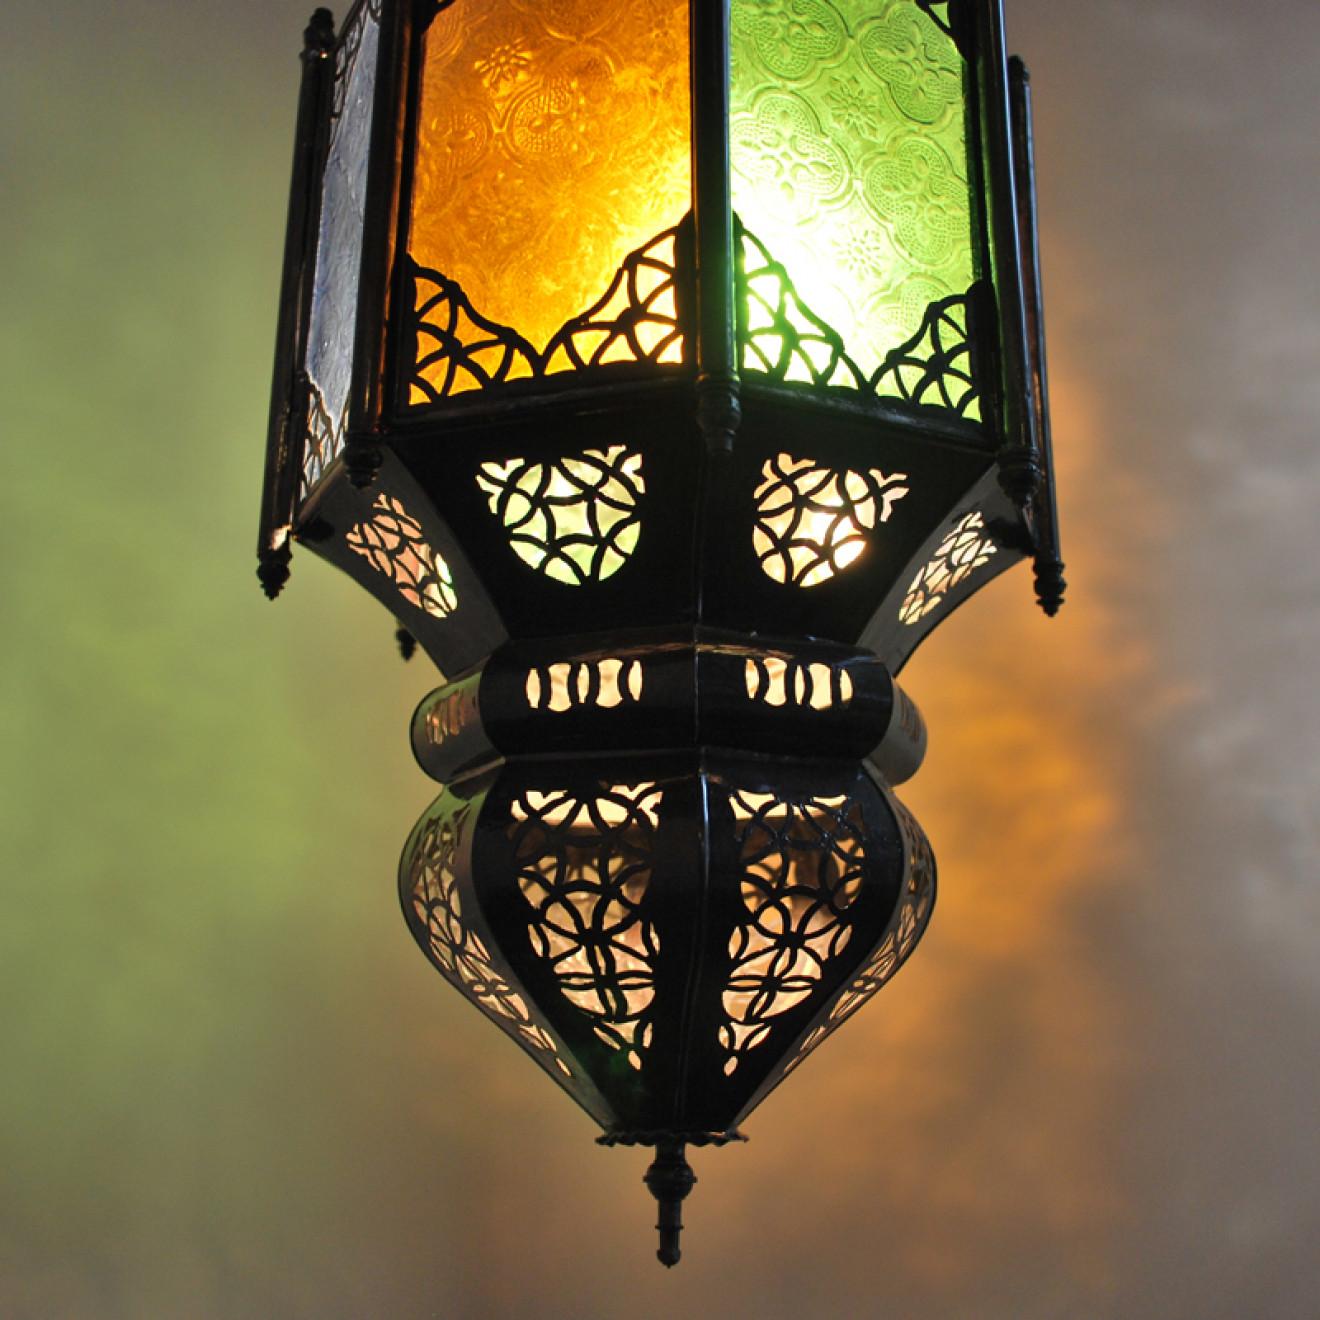 Baldachin Lamp Accessories Elektroanschlußabdeckung with Kupferpatina